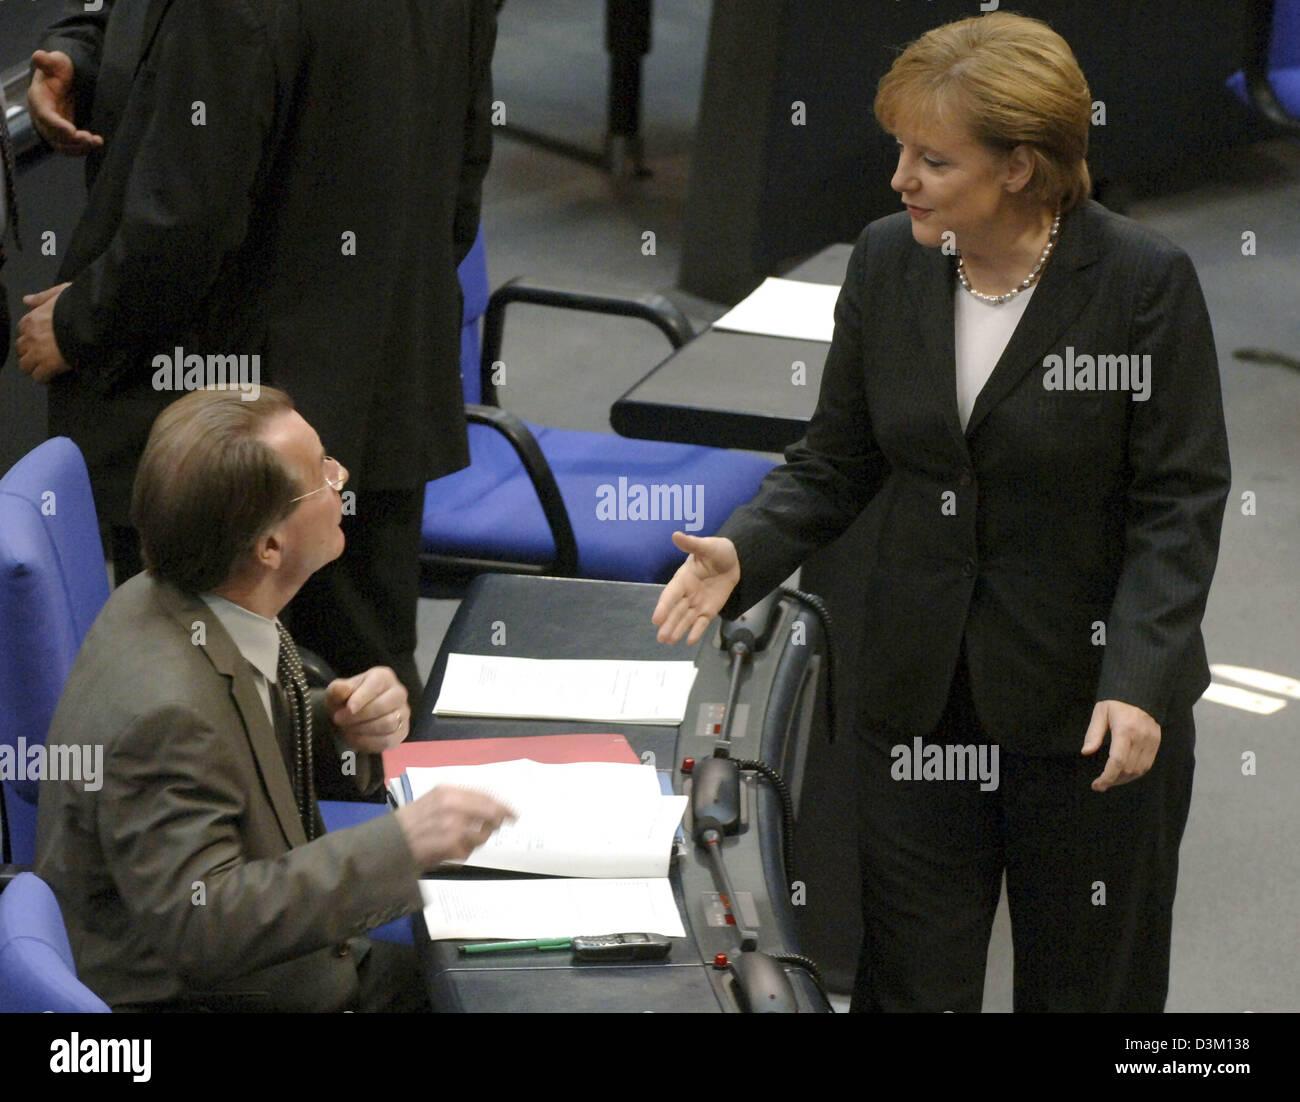 (Afp) - Angela Merkel (R) chef du parti conservateur de l'Allemagne l'Union chrétienne-démocrate (CDU) parle de Franz Müntefering, leader des sociaux-démocrates (SPD) de l'avant de la première session du nouveau parlement élu au Bundestag allemand le Reichstag à Berlin, le mardi, 18 octobre 2005. Le nouveau Bundestag s'est réuni mardi pour la première fois après les élections générales de voter une nouvelle parl Banque D'Images